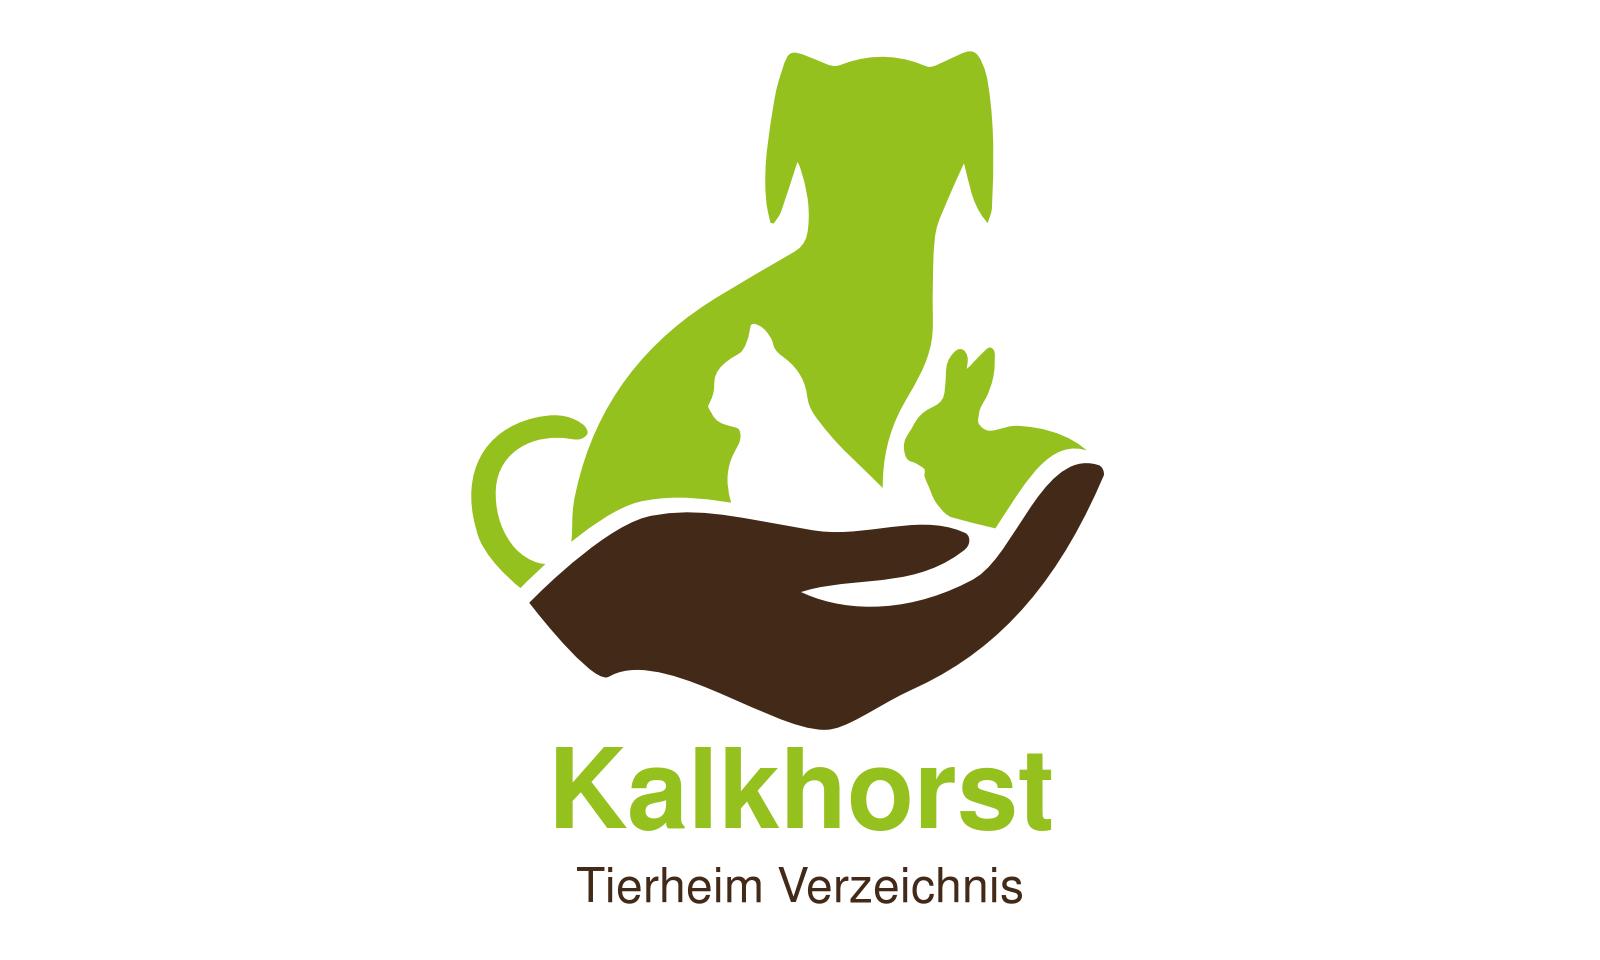 Tierheim Kalkhorst